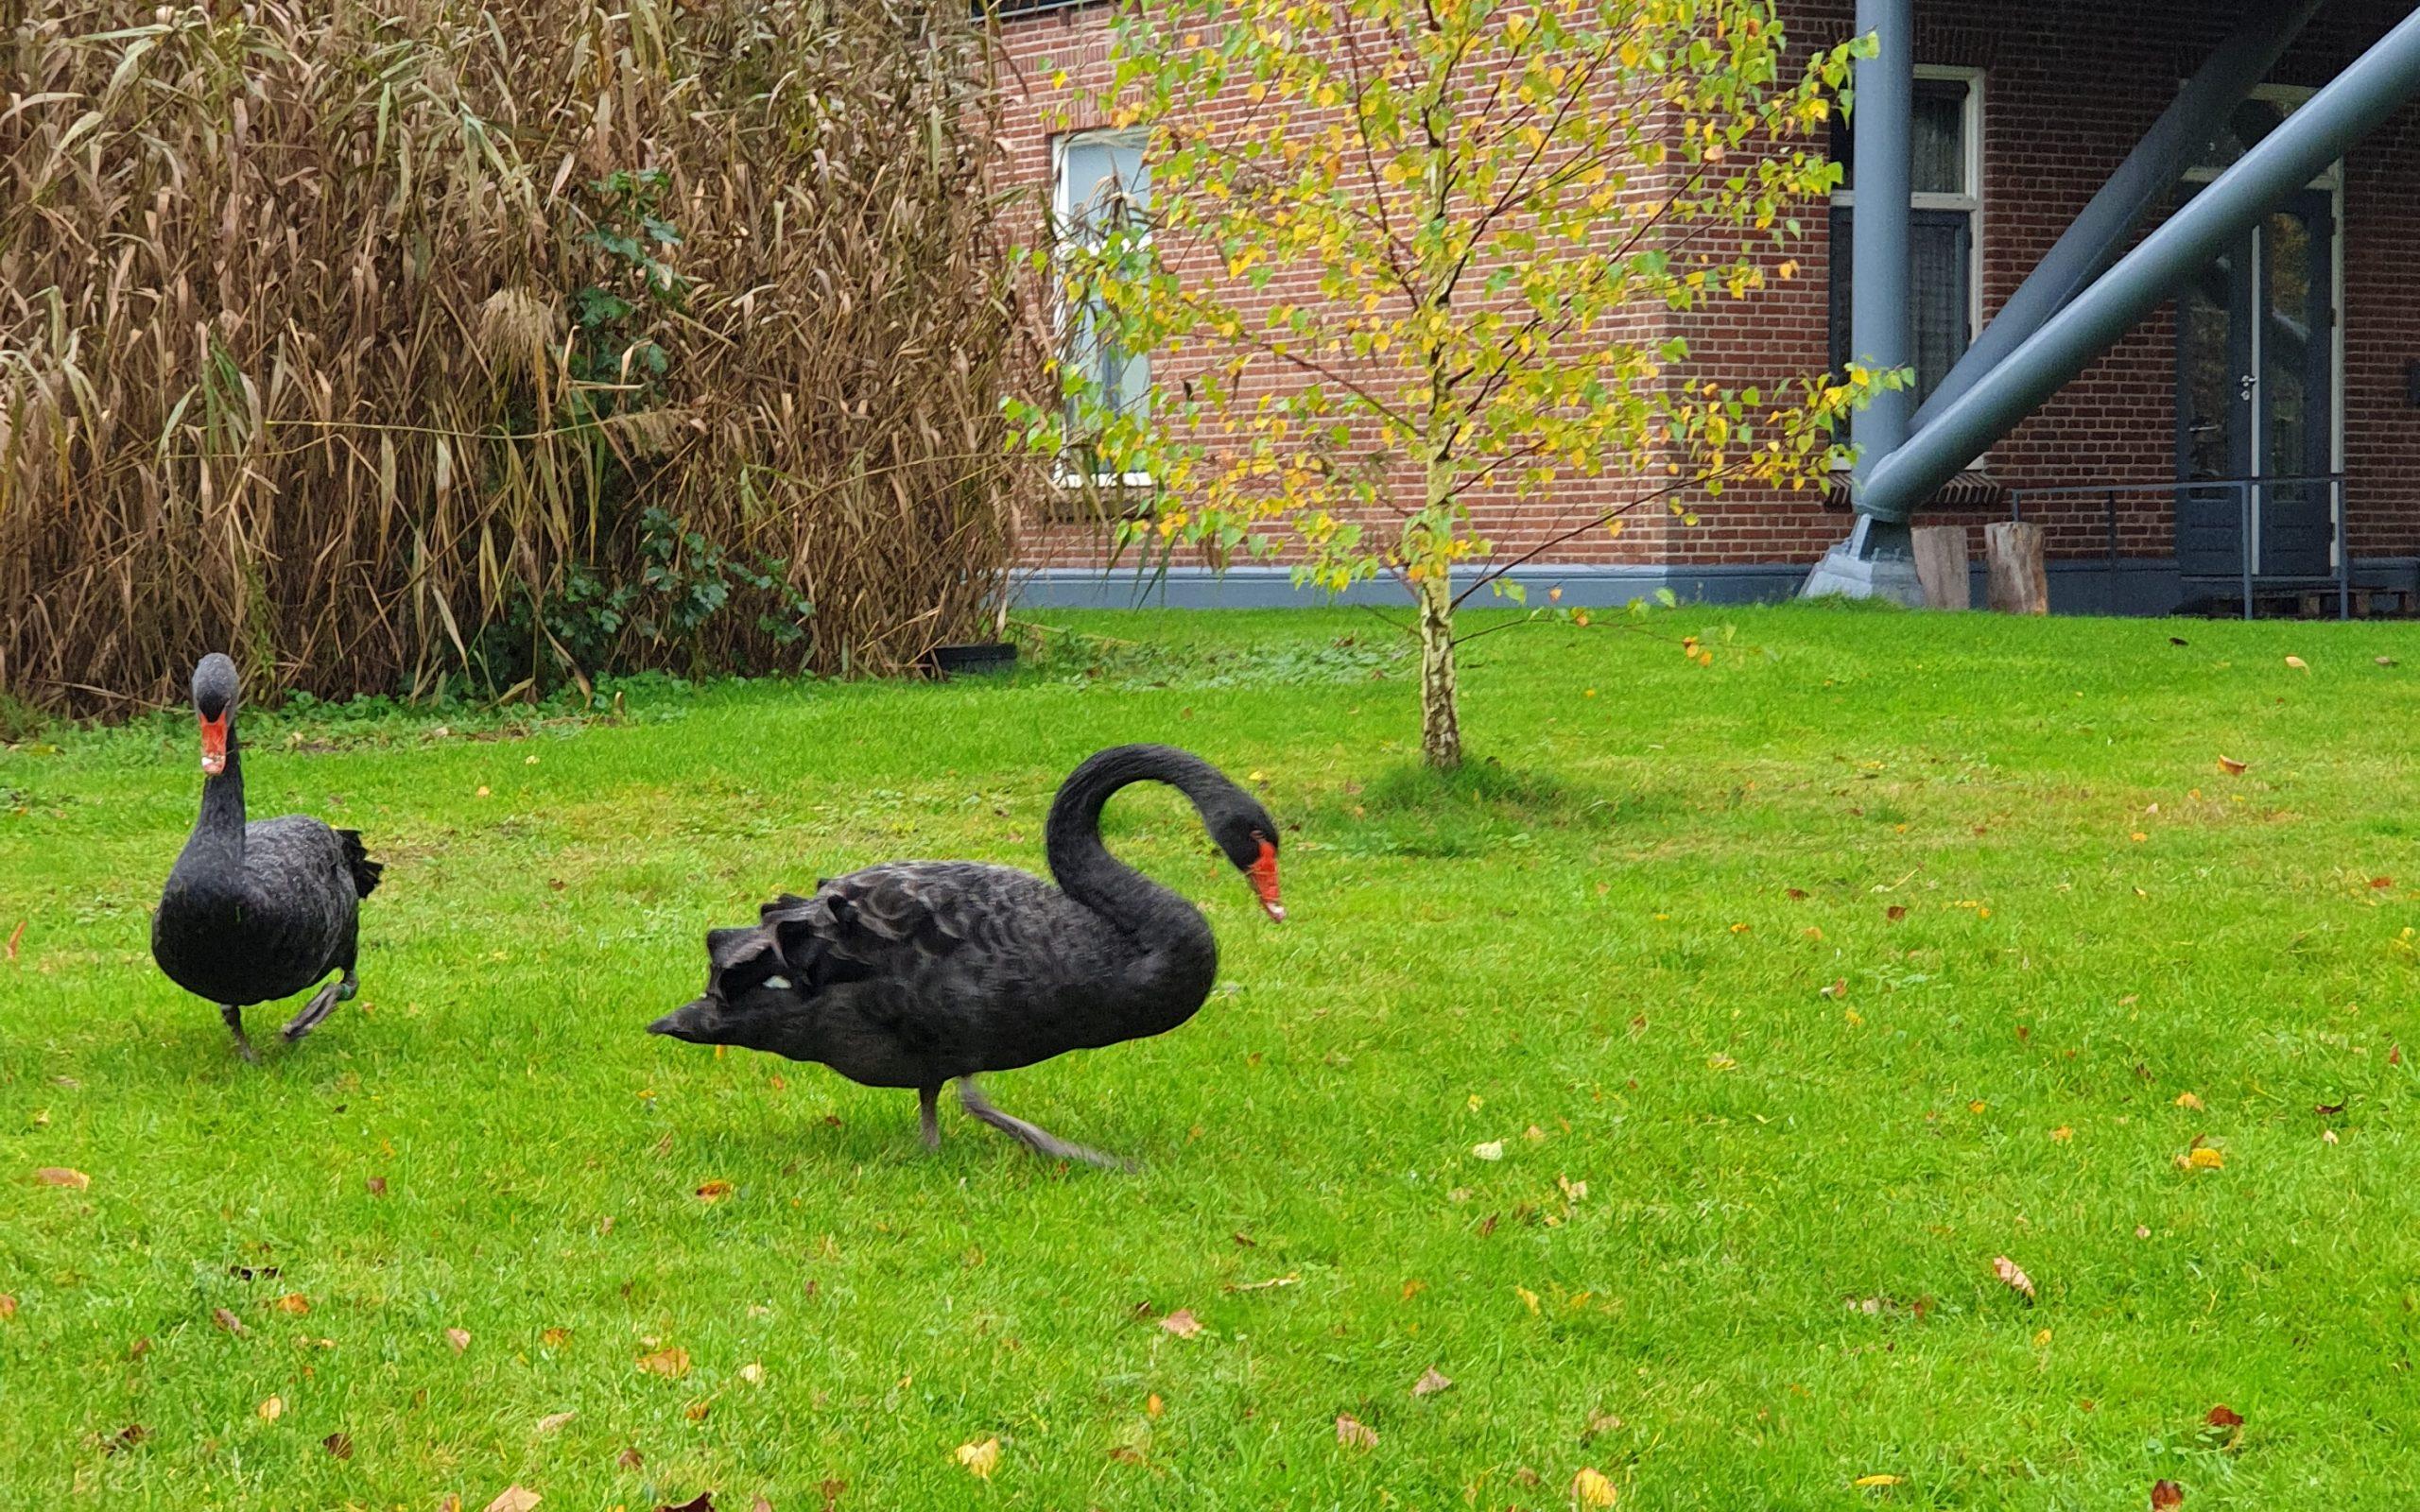 Kloosterhotel ZIN Zwarte zwaan buiten dieren verblijf rust groen